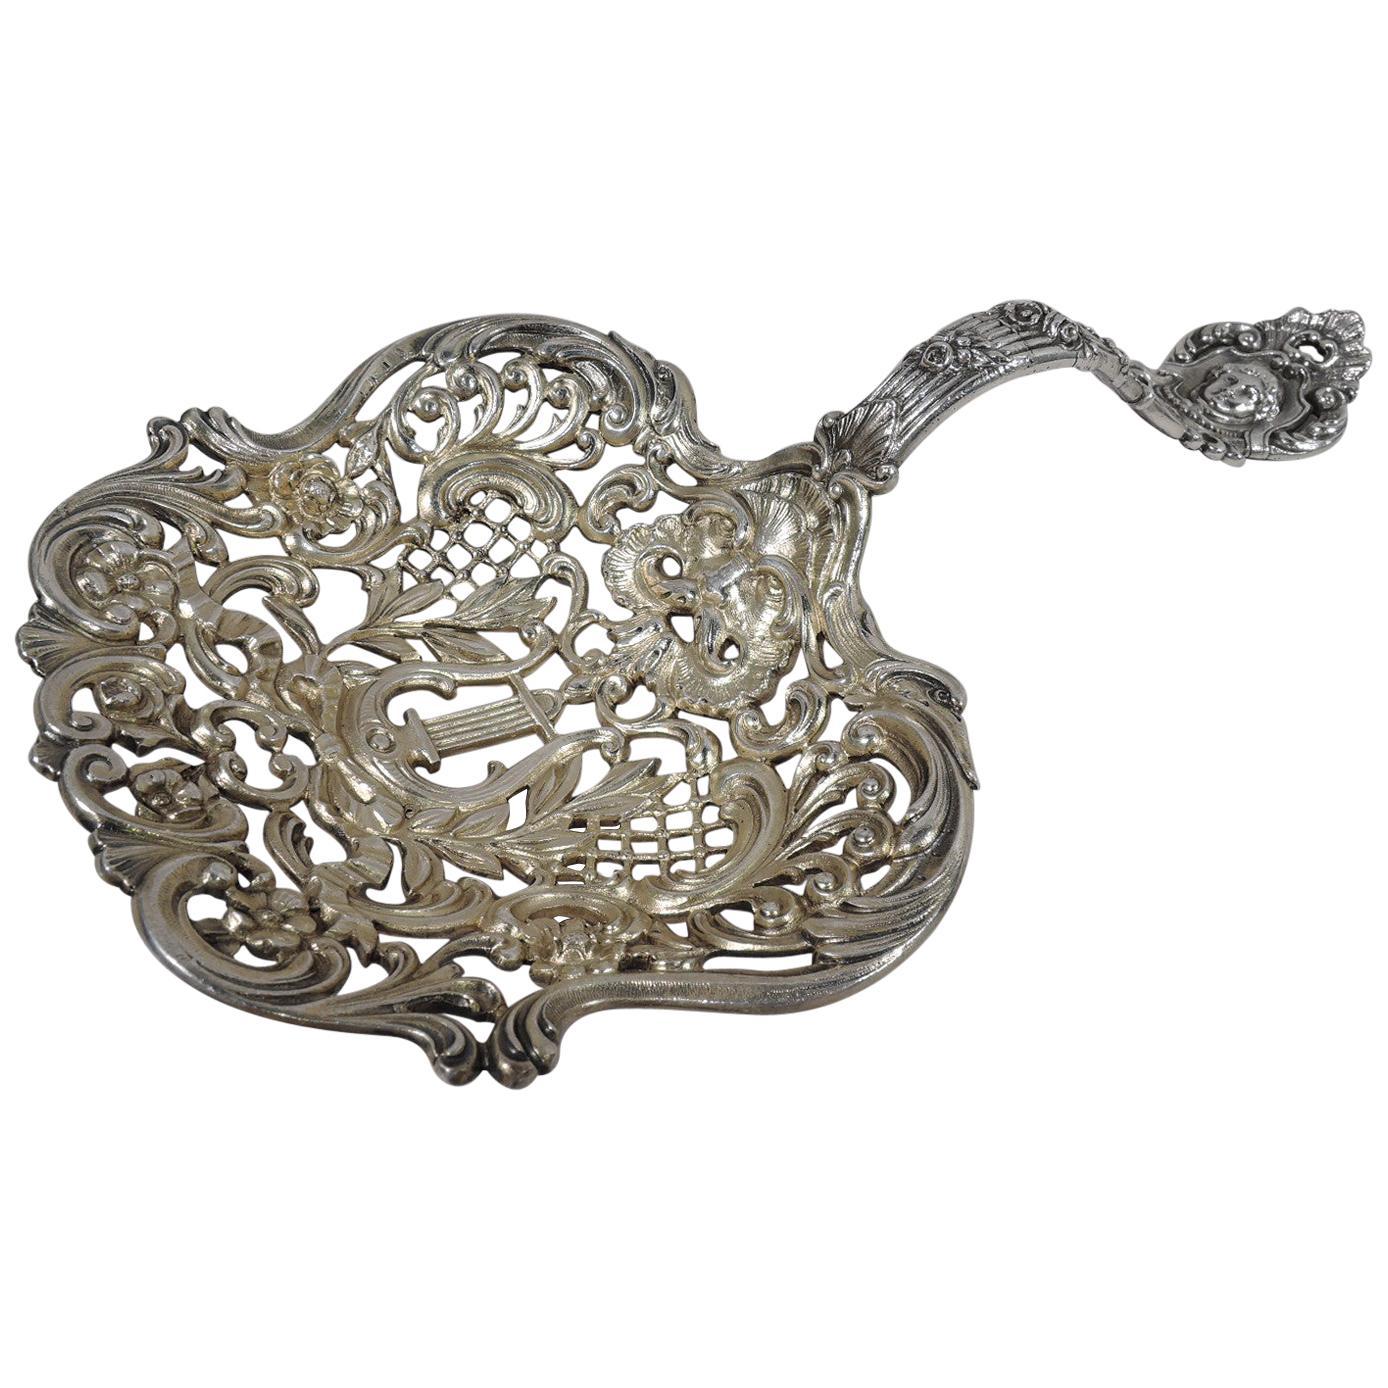 Antique Gorham Sterling Silver Bonbon Scoop with Art Nouveau Classical Lyre